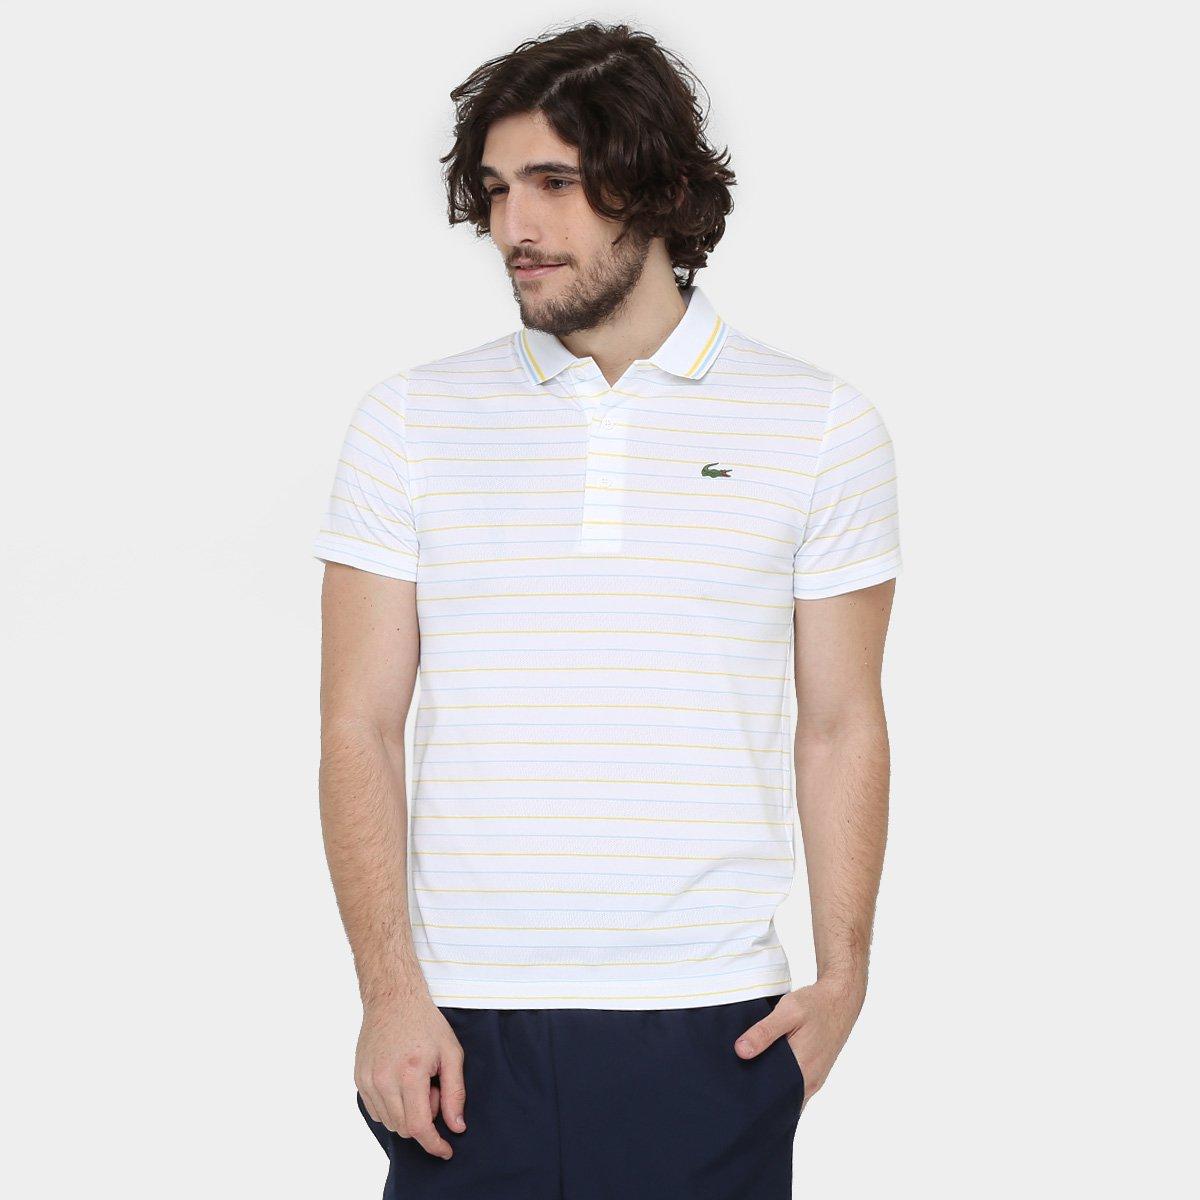 d6e10601a8a Camiseta Polo Lacoste-DH5751-21 - Branco e Amarelo - Compre Agora ...